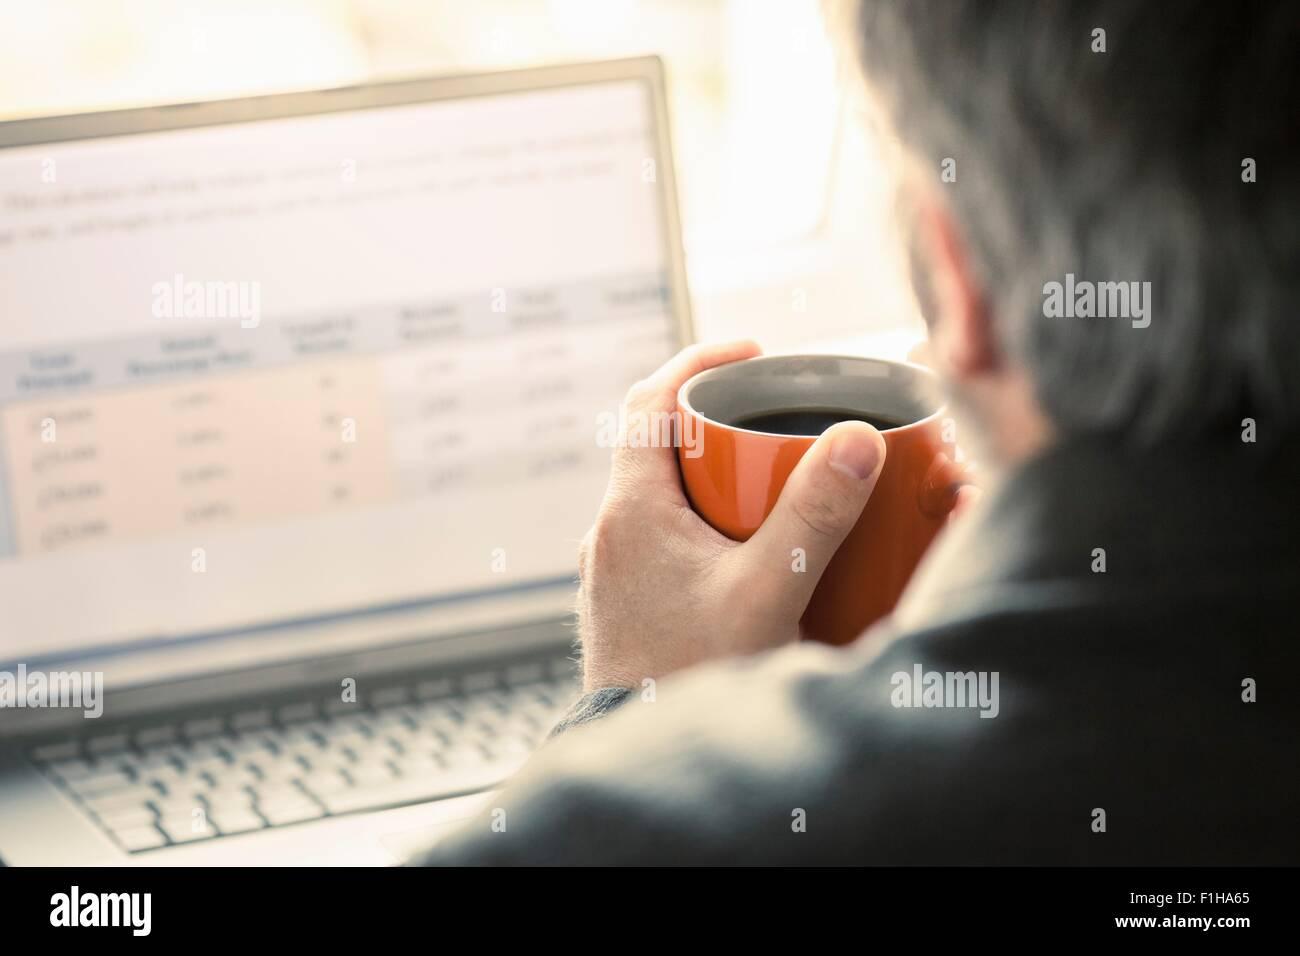 Sulla spalla vista dell uomo la navigazione portatile a scrivania Immagini Stock